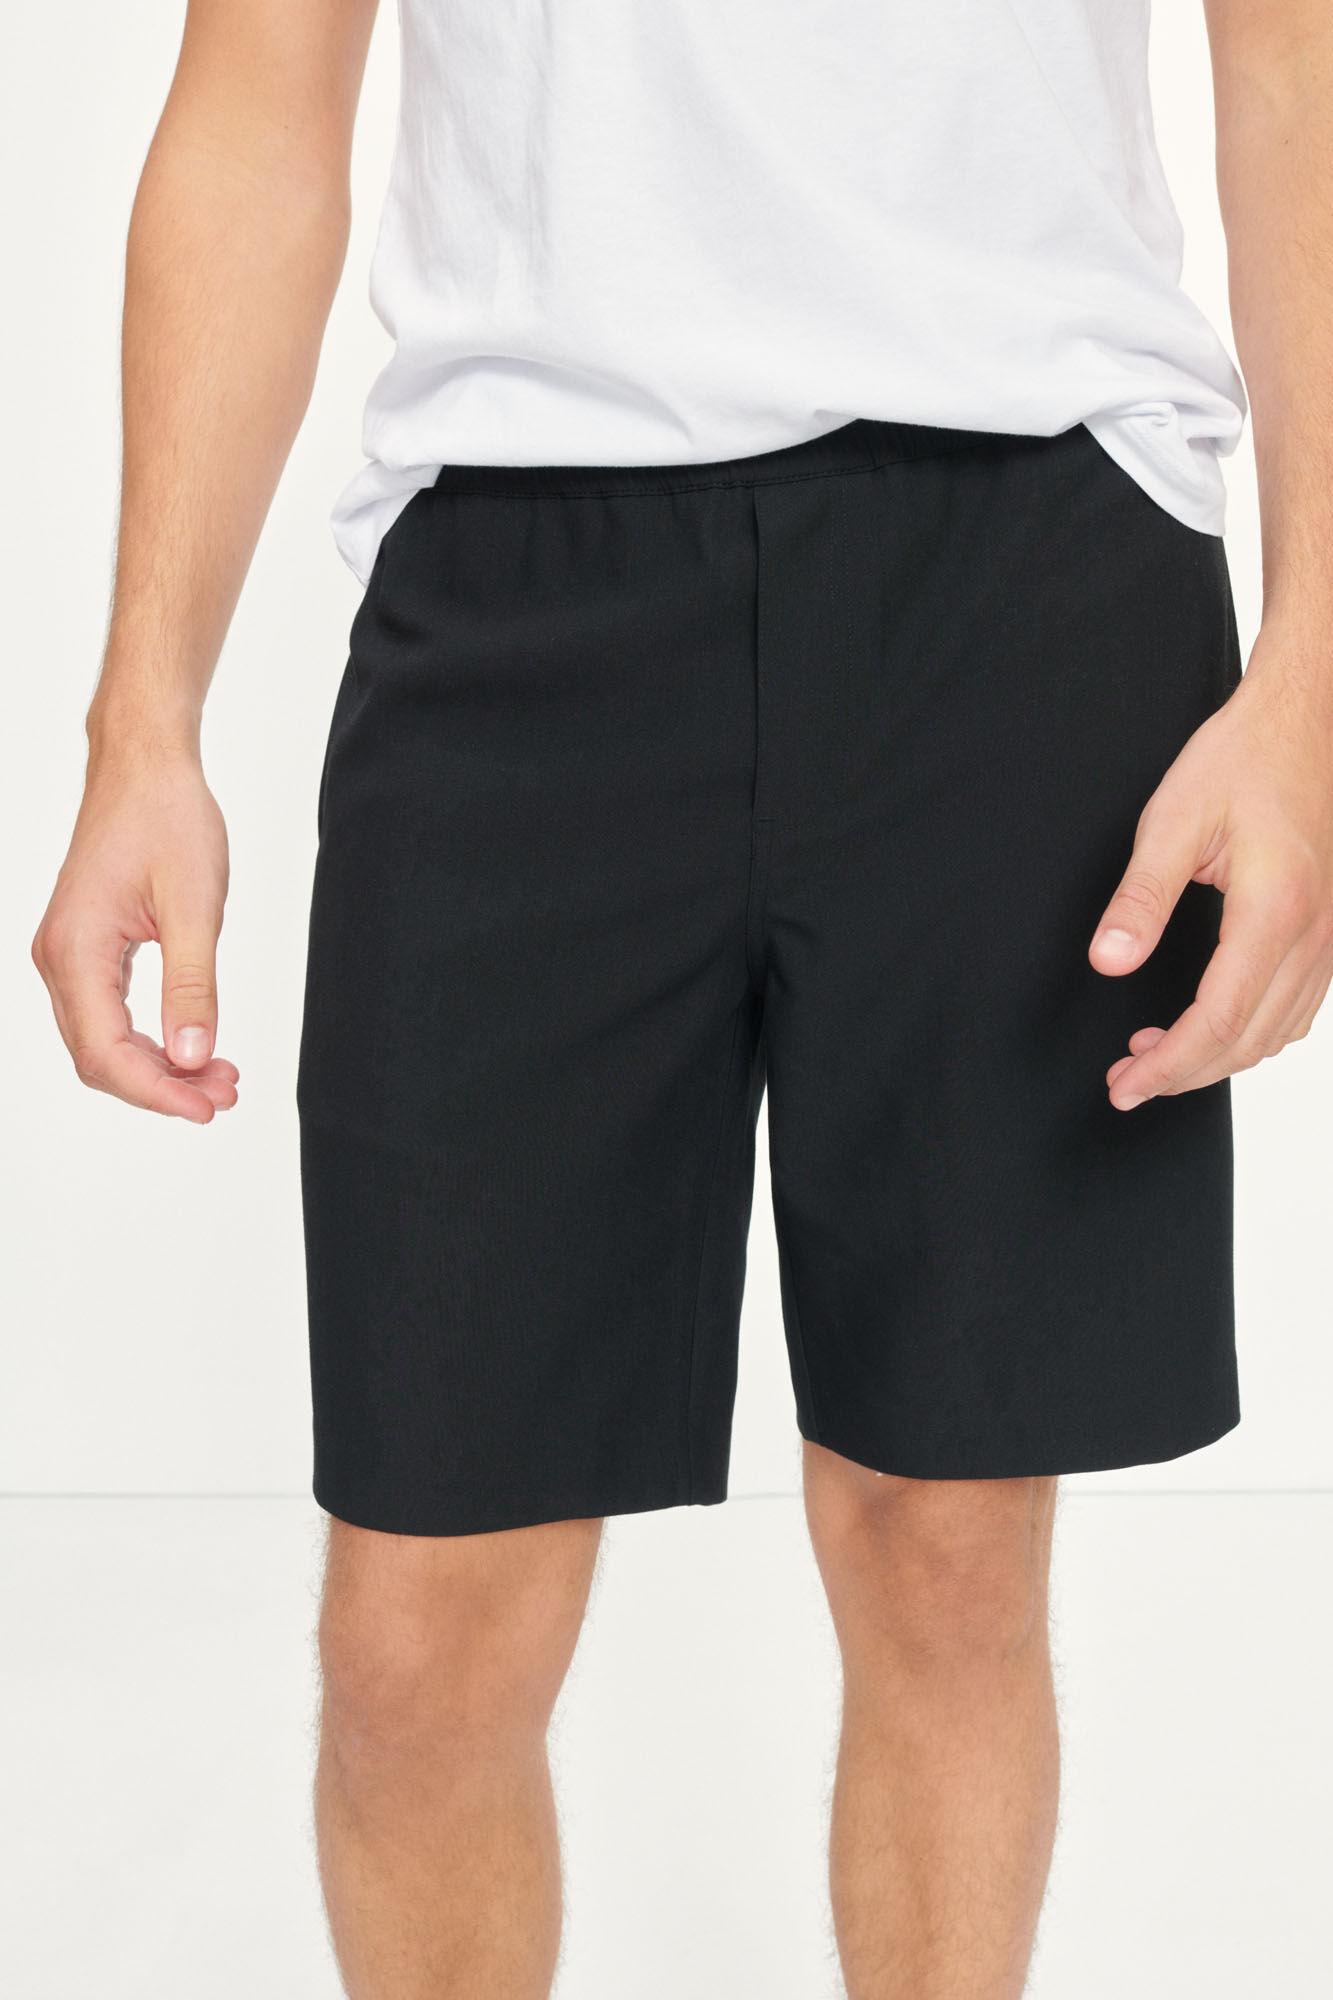 Smith shorts 10929